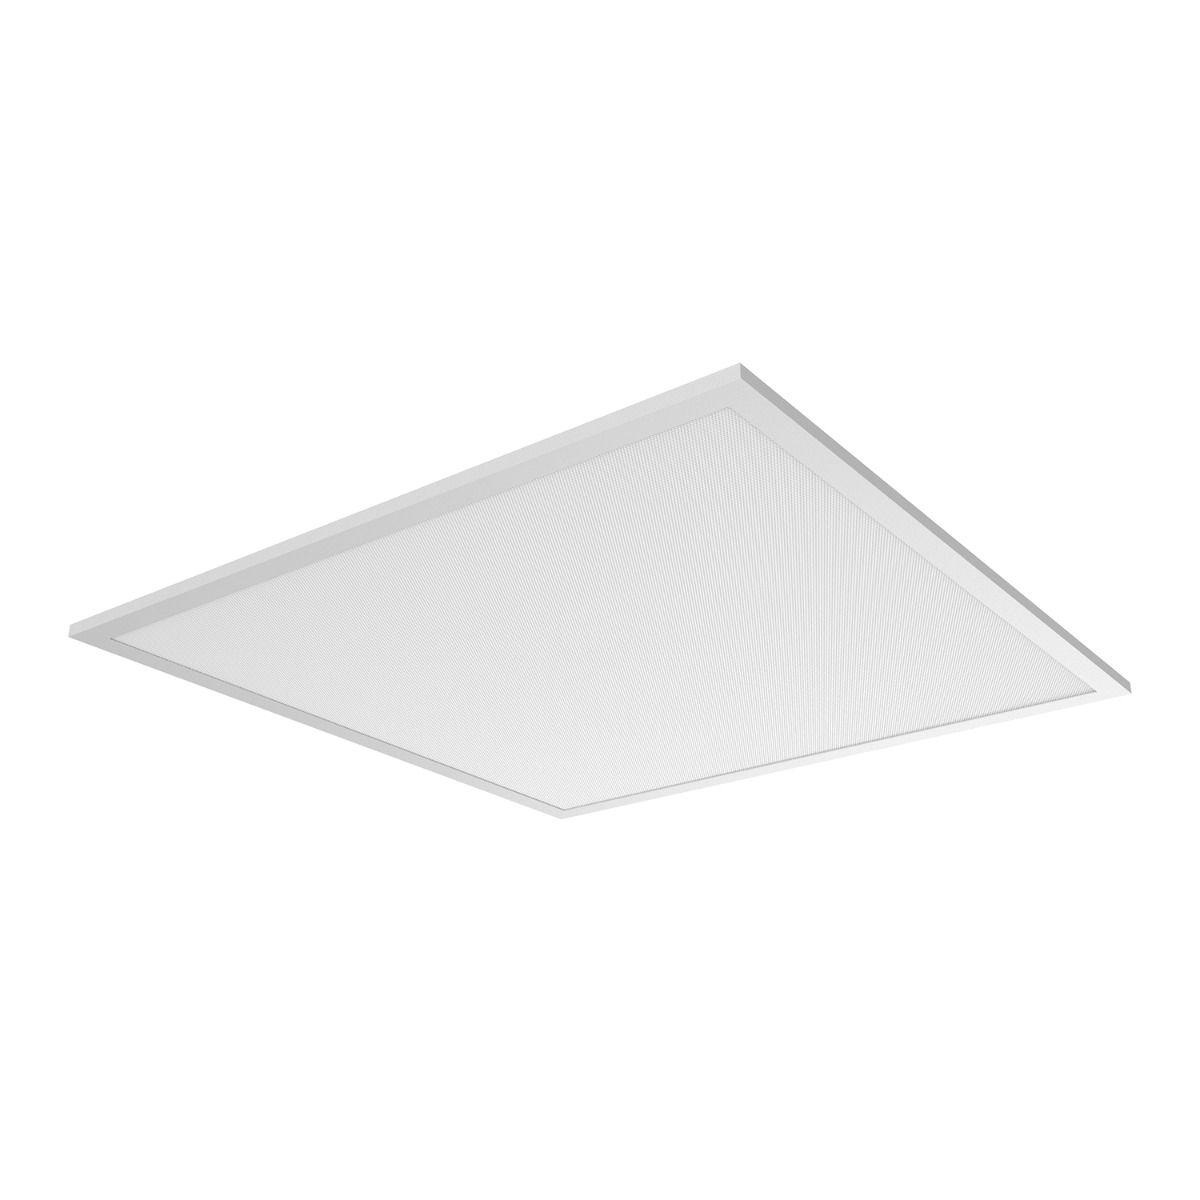 Noxion LED Panel Delta Pro V3 Highlum 36W 3000K 5225lm 60x60cm UGR <19 | Replacer for 4x18W